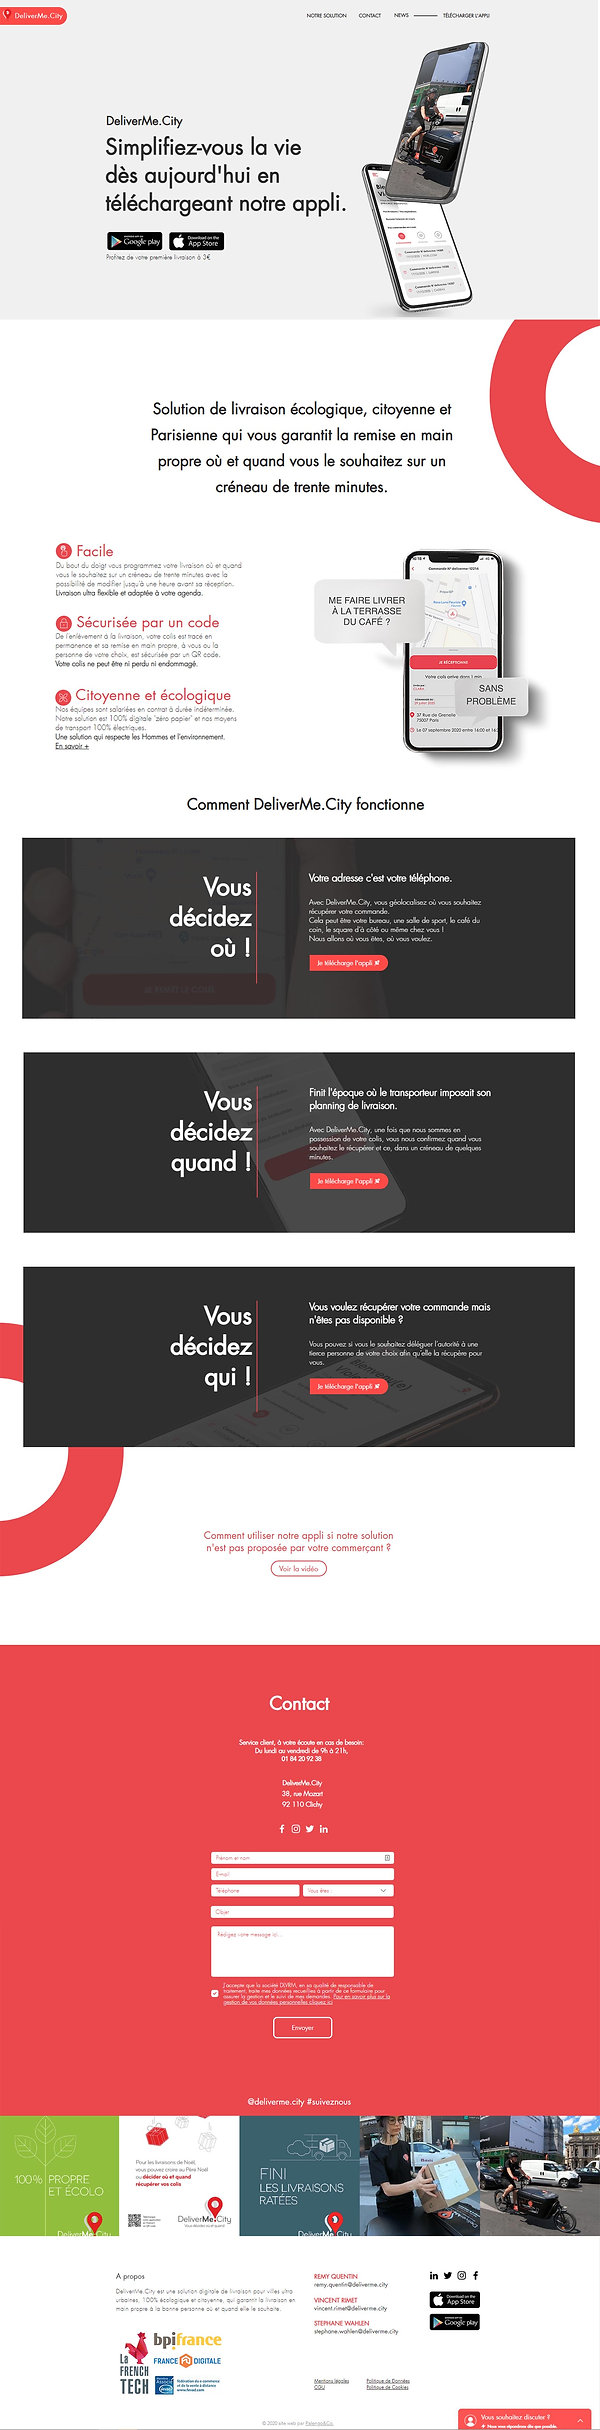 maquette création de site web DeliverMe.City